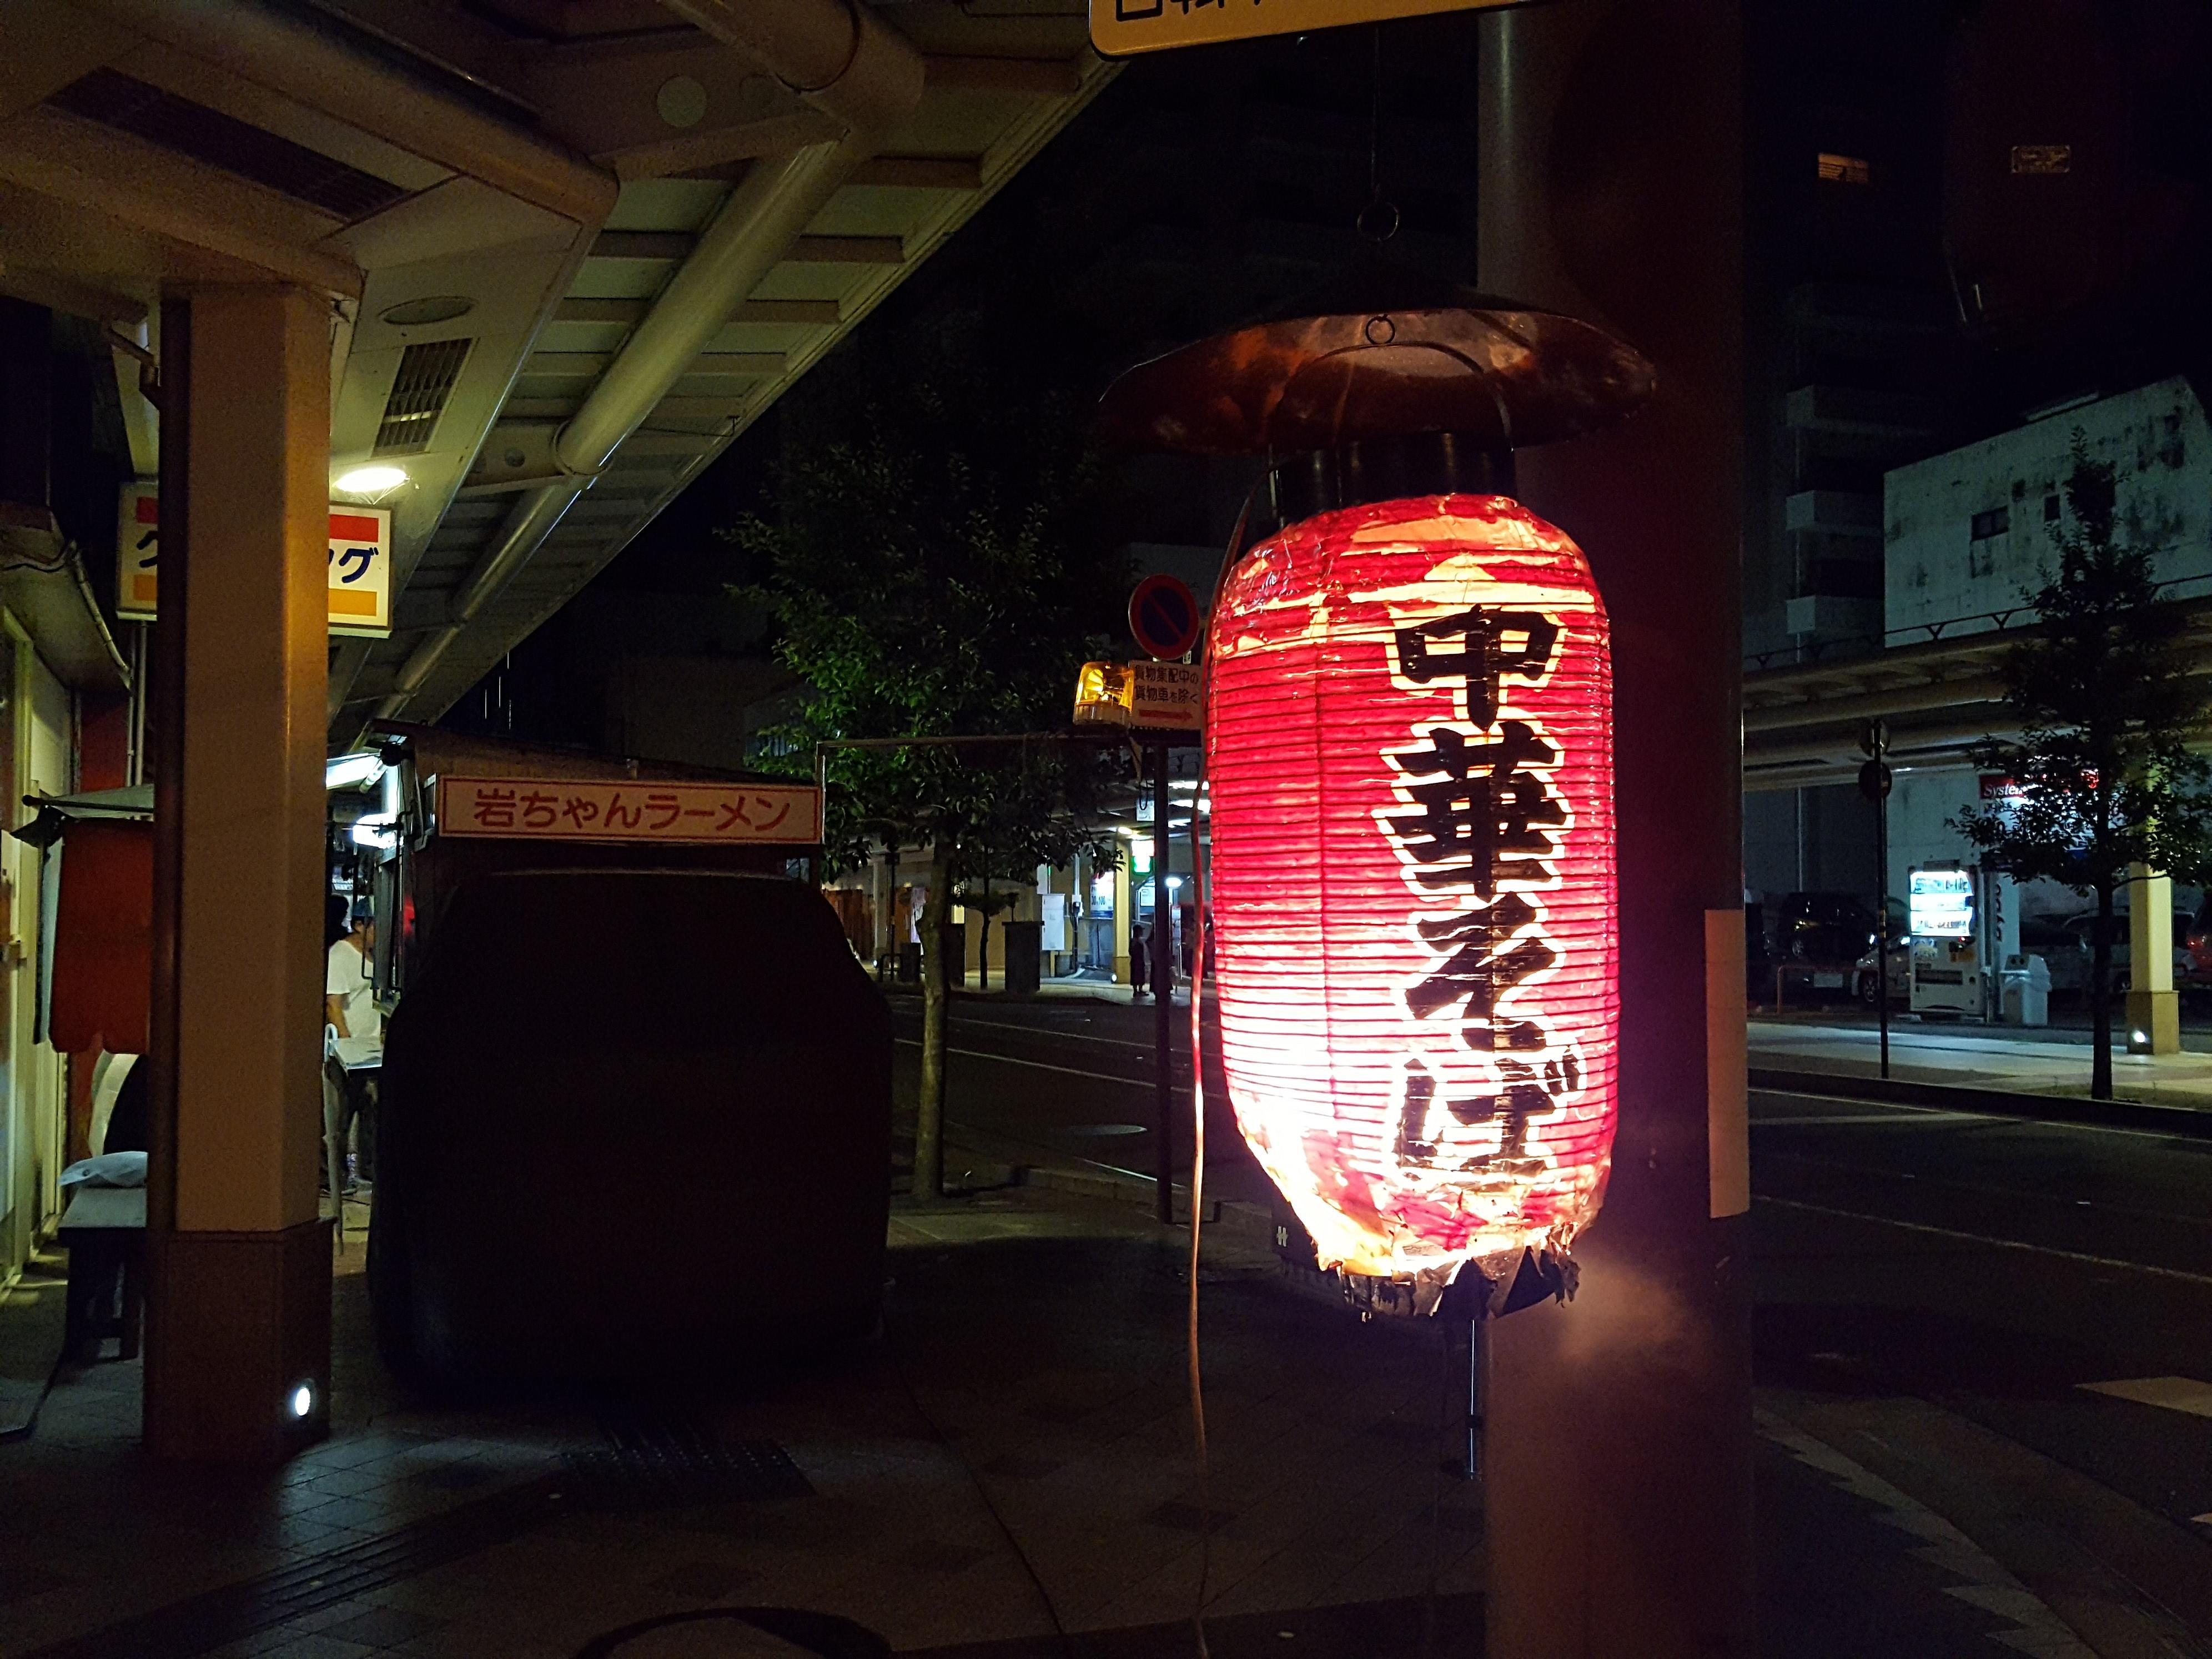 福井駅前にある屋台「岩ちゃんラーメン」